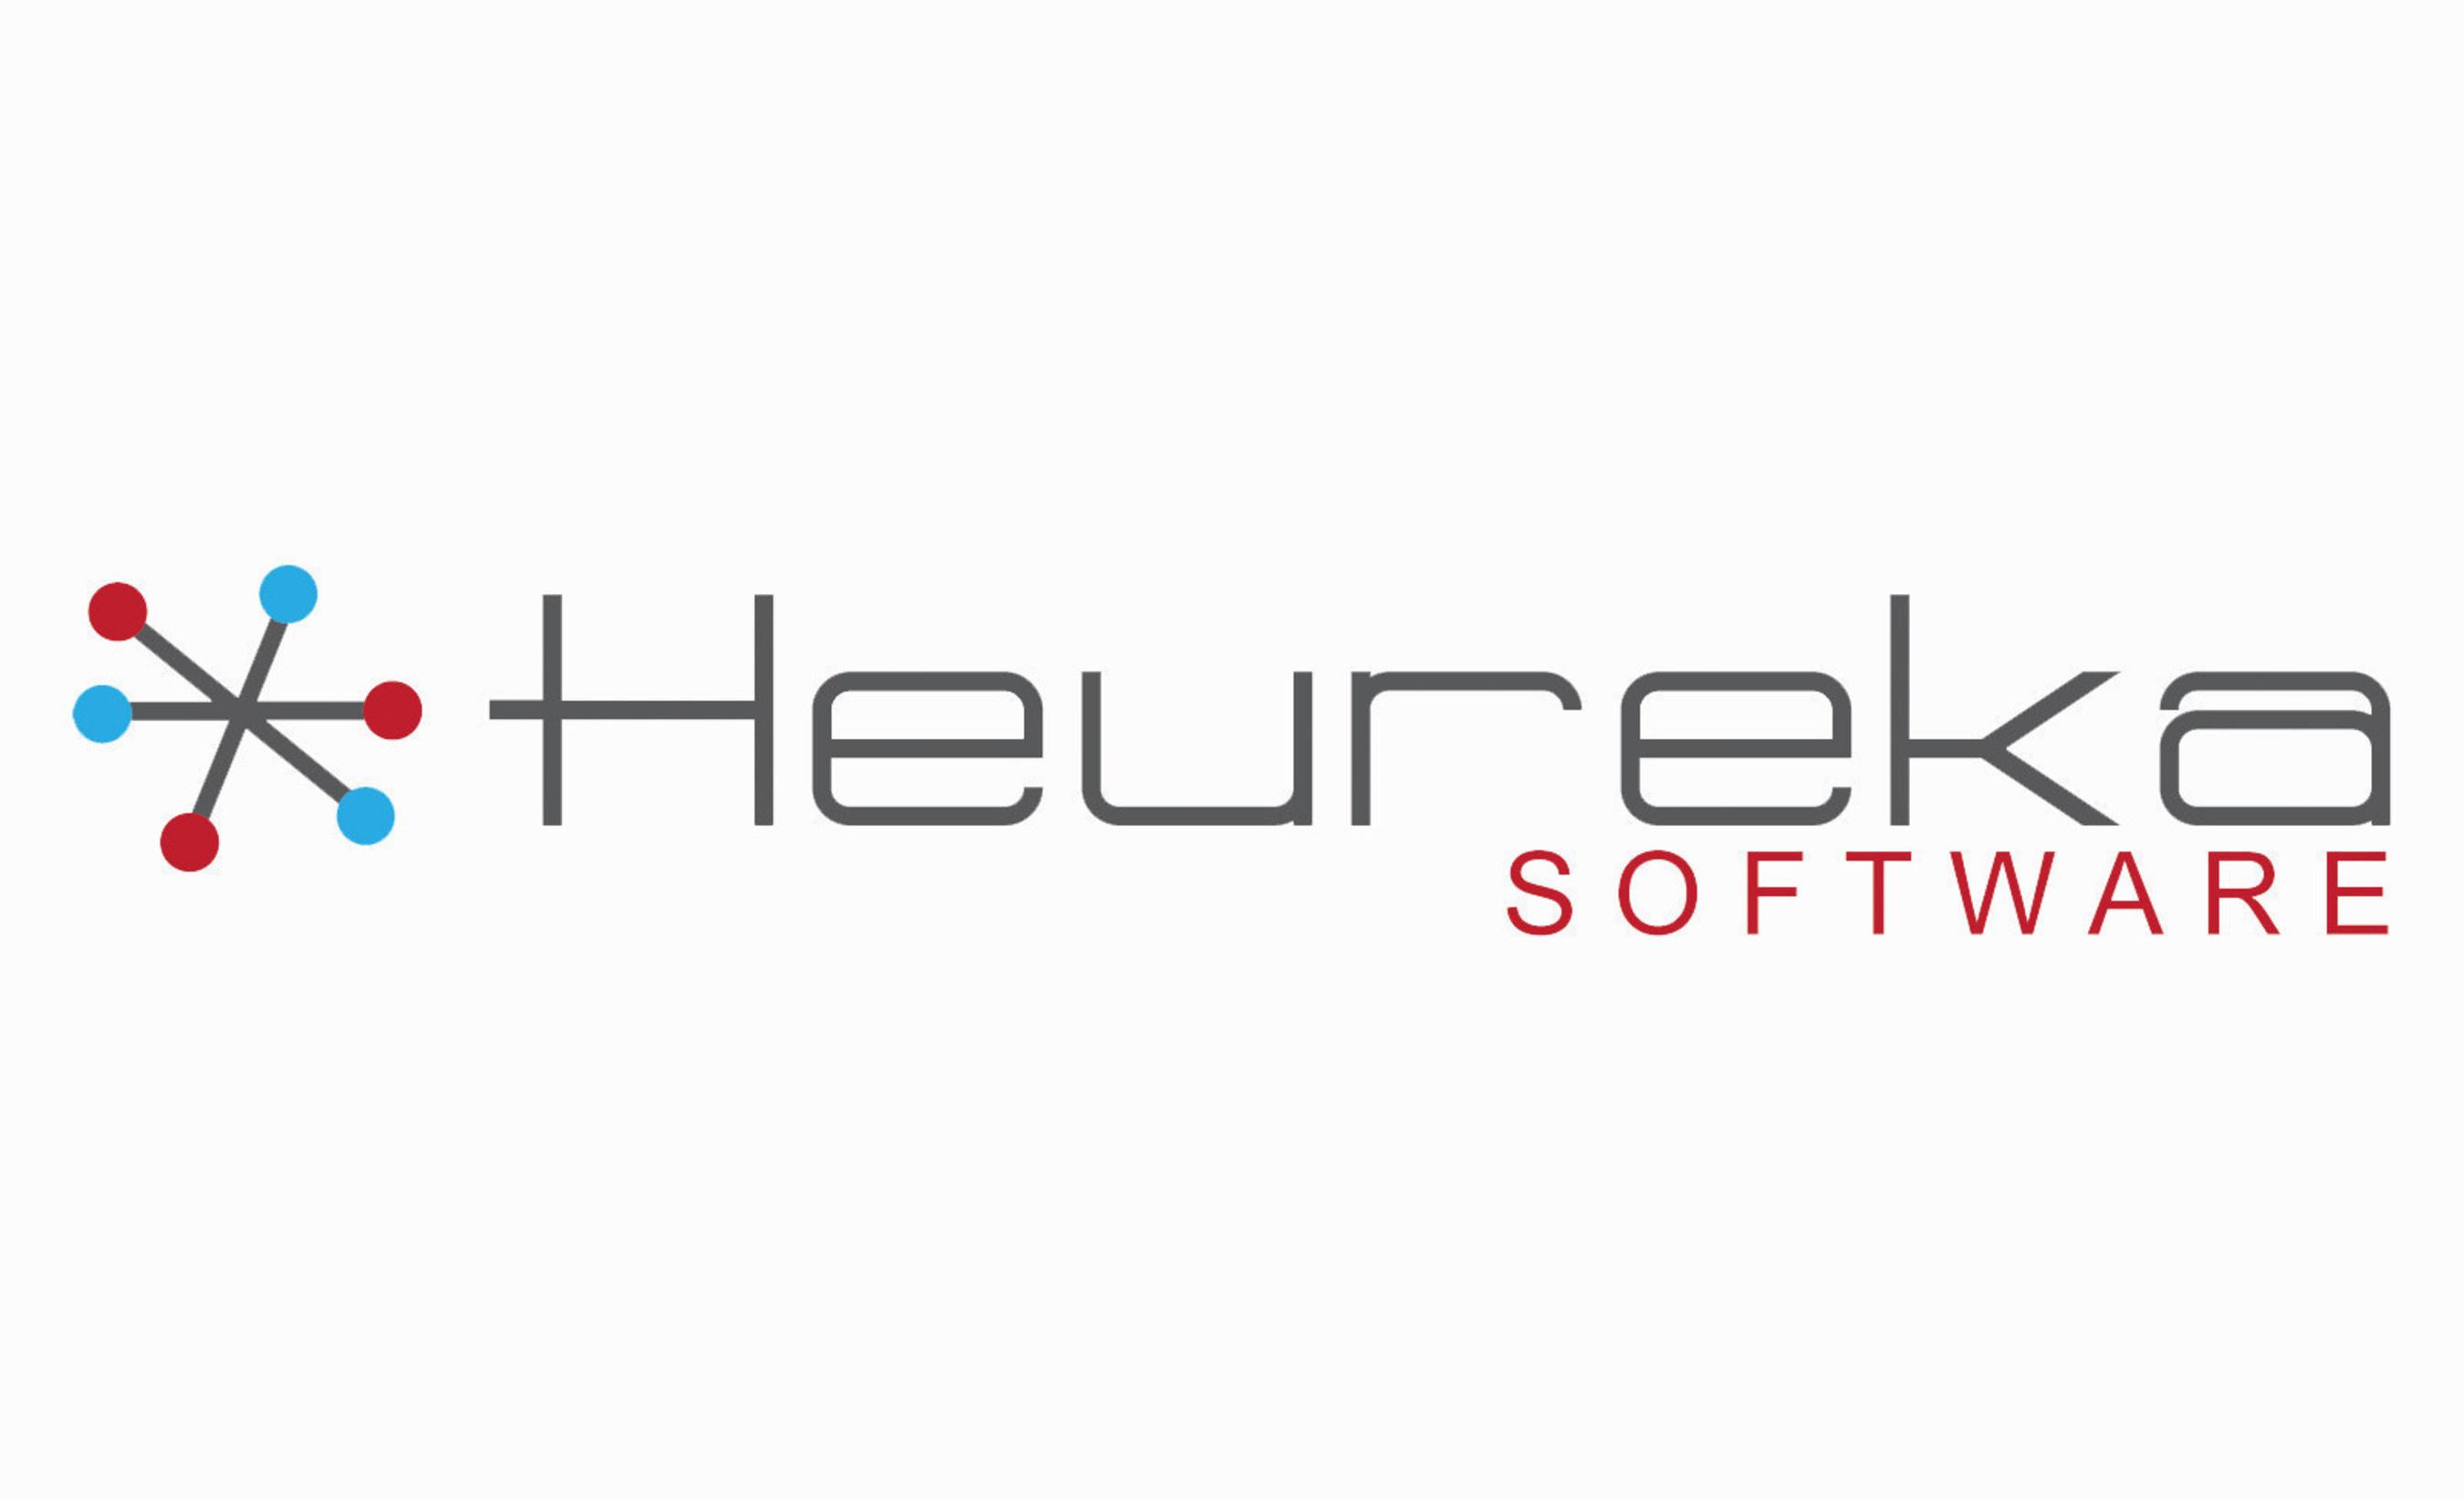 Heureka Software Raises $1.1M In Seed Funding